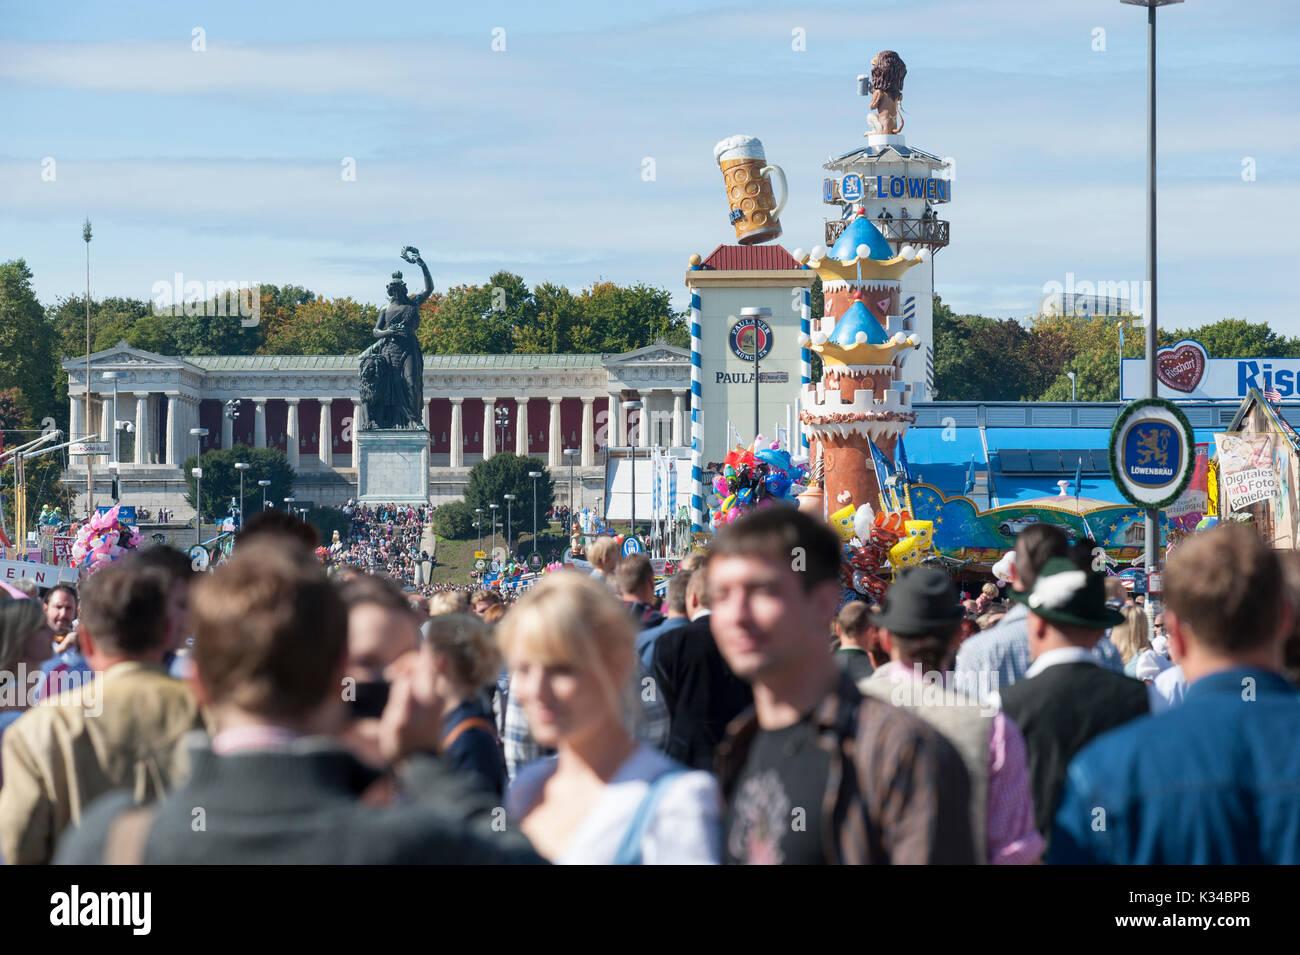 Oktoberfest en Munich es el mayor festival de folk y cerveza en el mundo.con muchos miles de visitantes cada día, ahora caminar sobre parque de atracciones Imagen De Stock